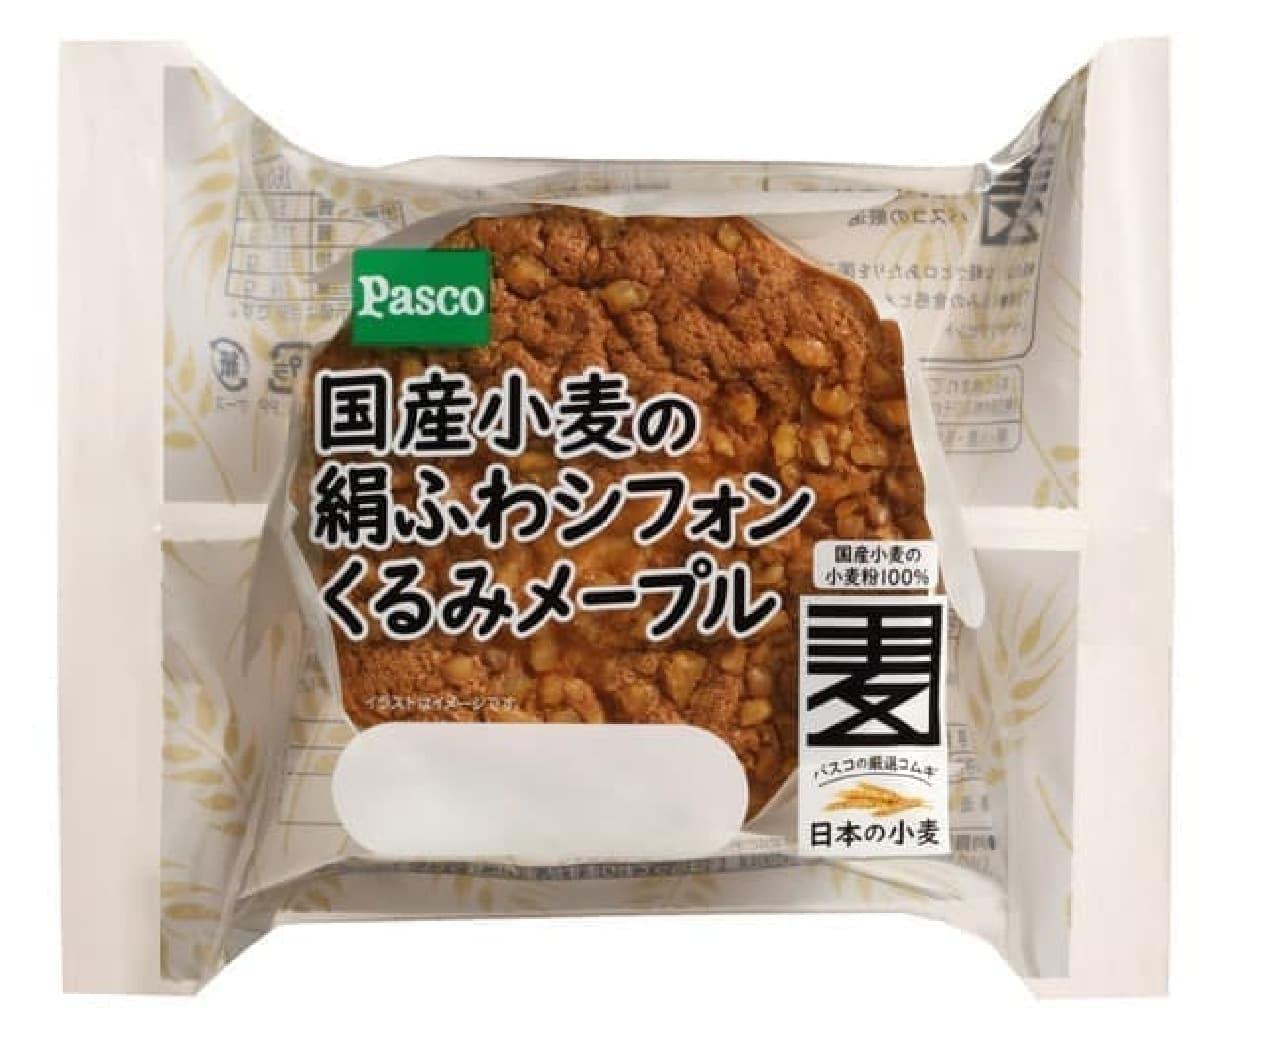 Pasco「国産小麦の絹ふわシフォン くるみメープル」